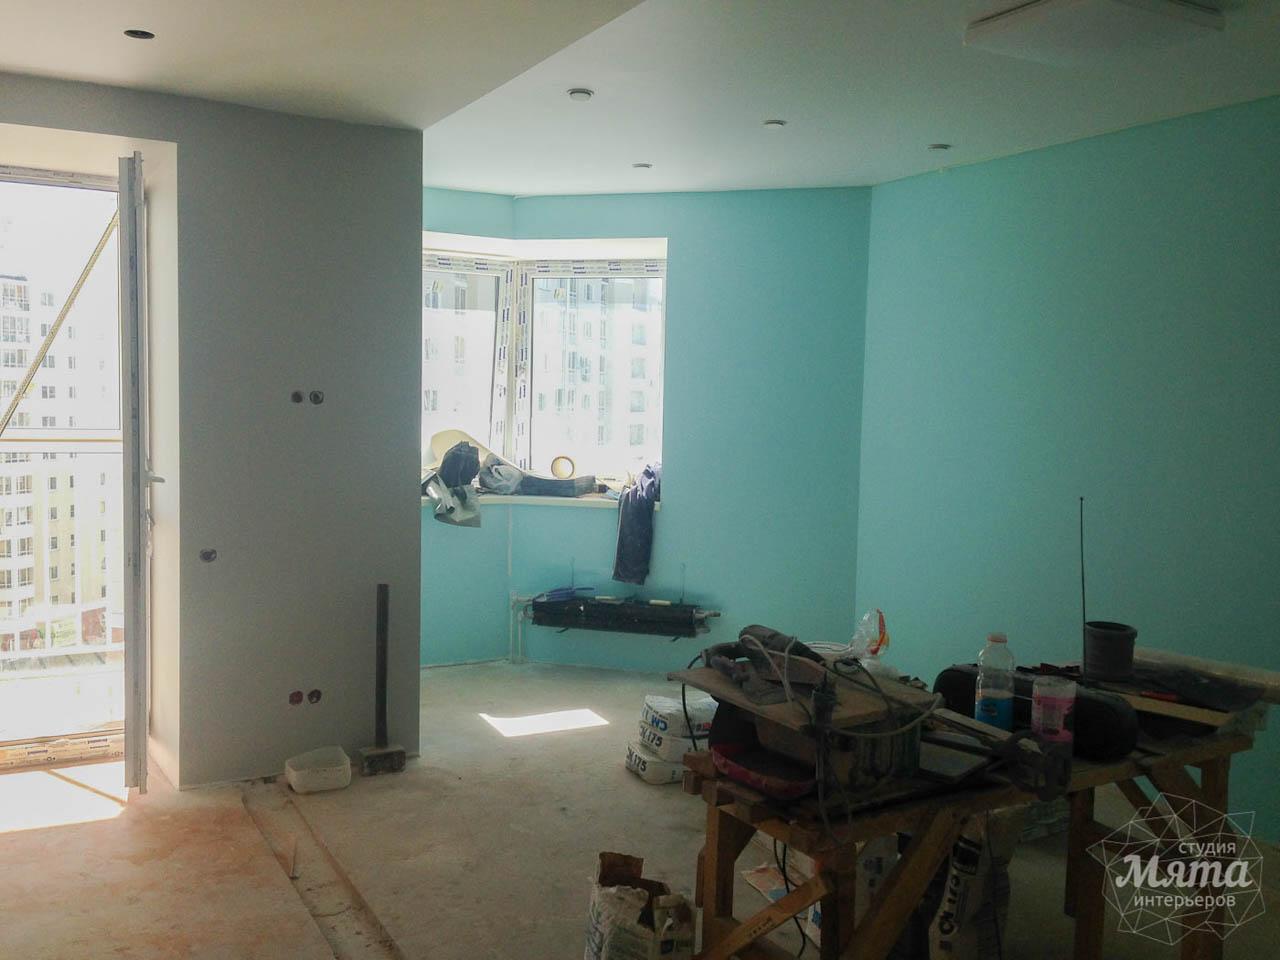 Дизайн интерьера и ремонт однокомнатной квартиры по ул. Сурикова 53а 50